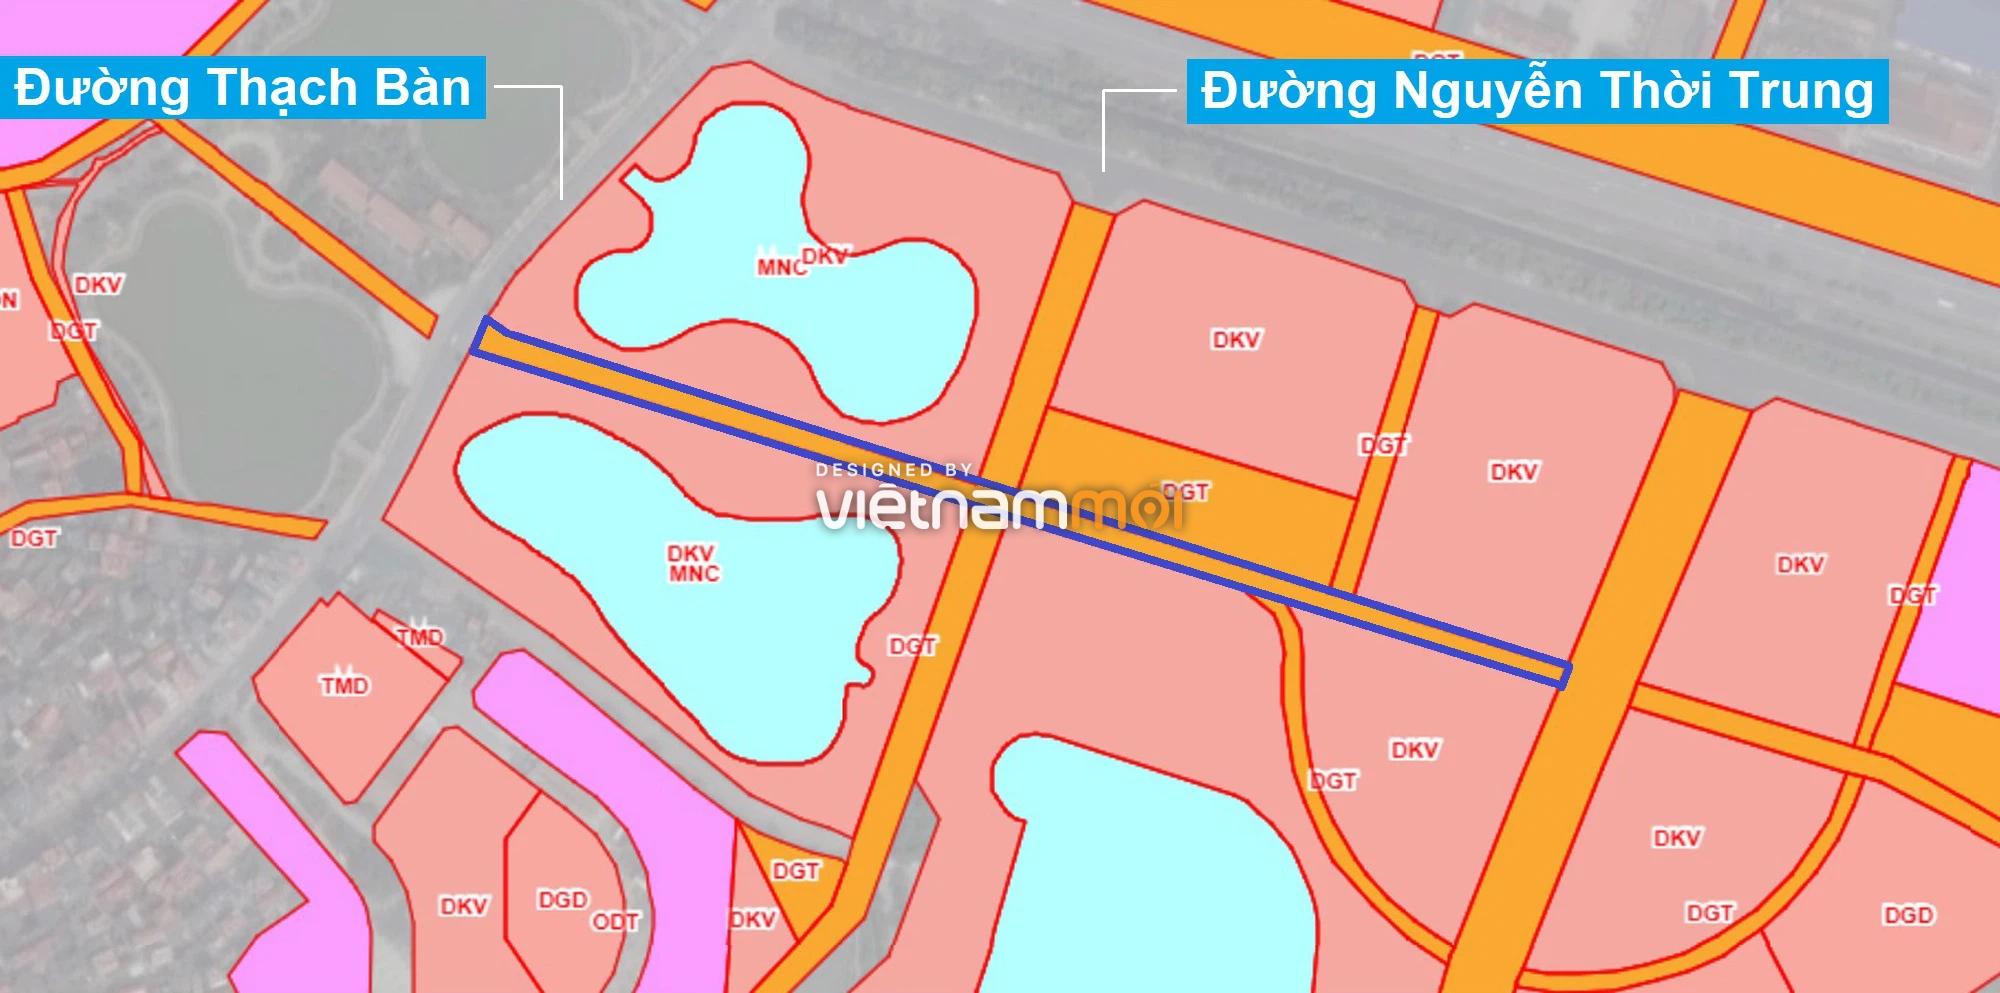 Những khu đất sắp thu hồi để mở đường ở phường Thạch Bàn, Long Biên, Hà Nội (phần 4) - Ảnh 1.